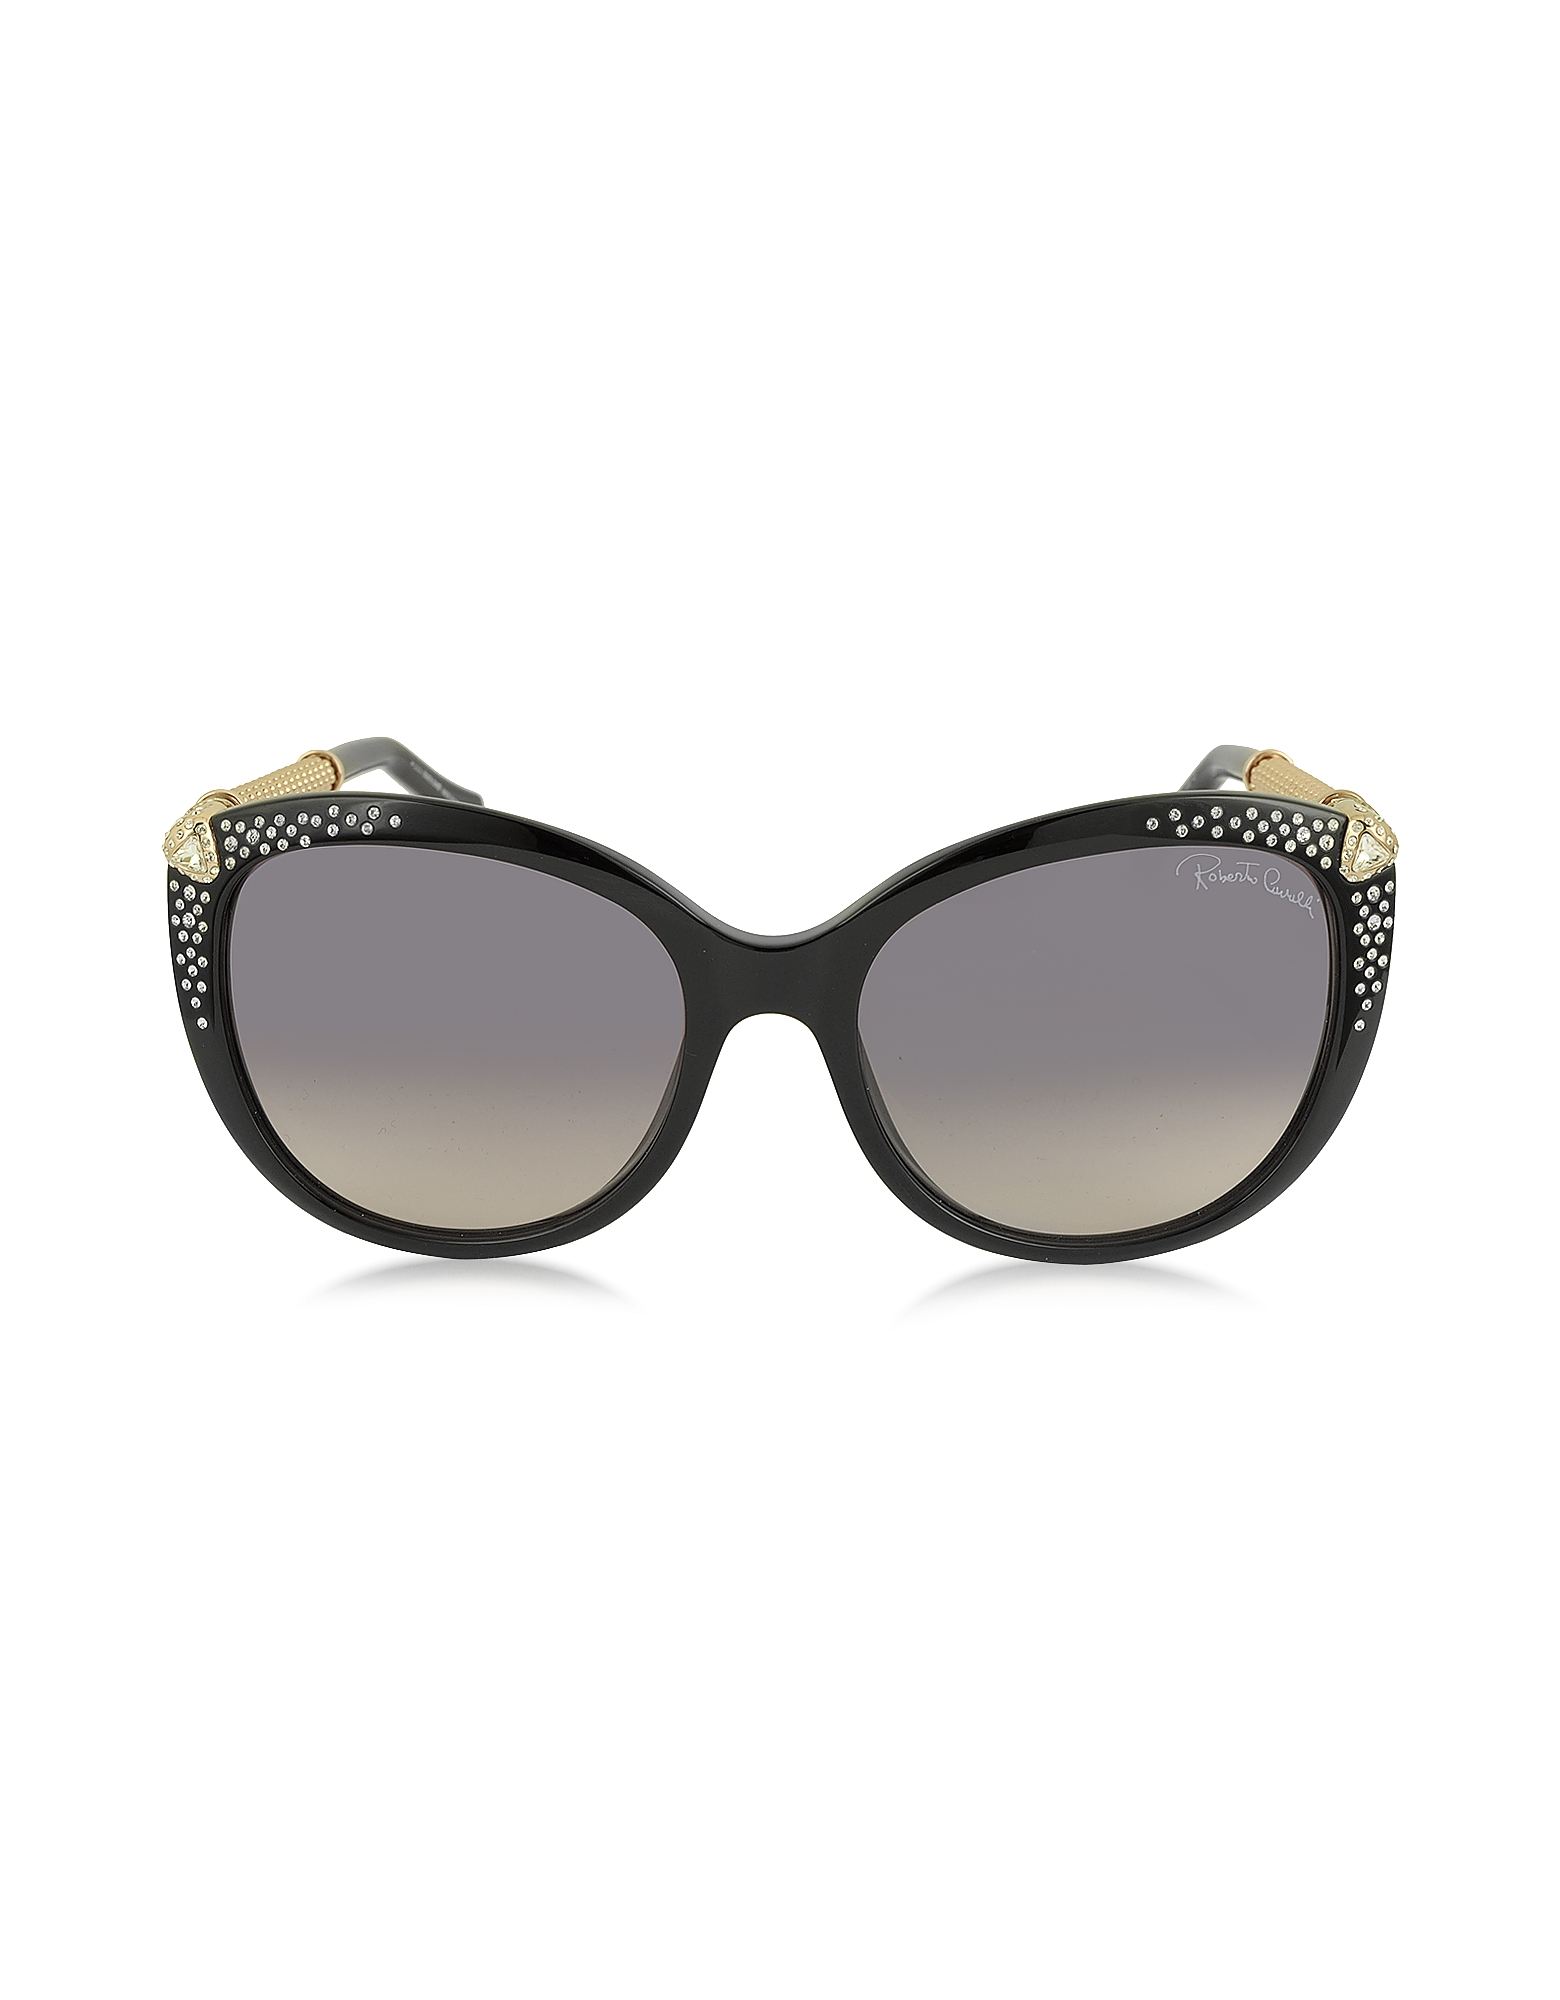 Roberto Cavalli TANIA 979S - Женские Солнечные Очки из Ацетата с Кристаллами